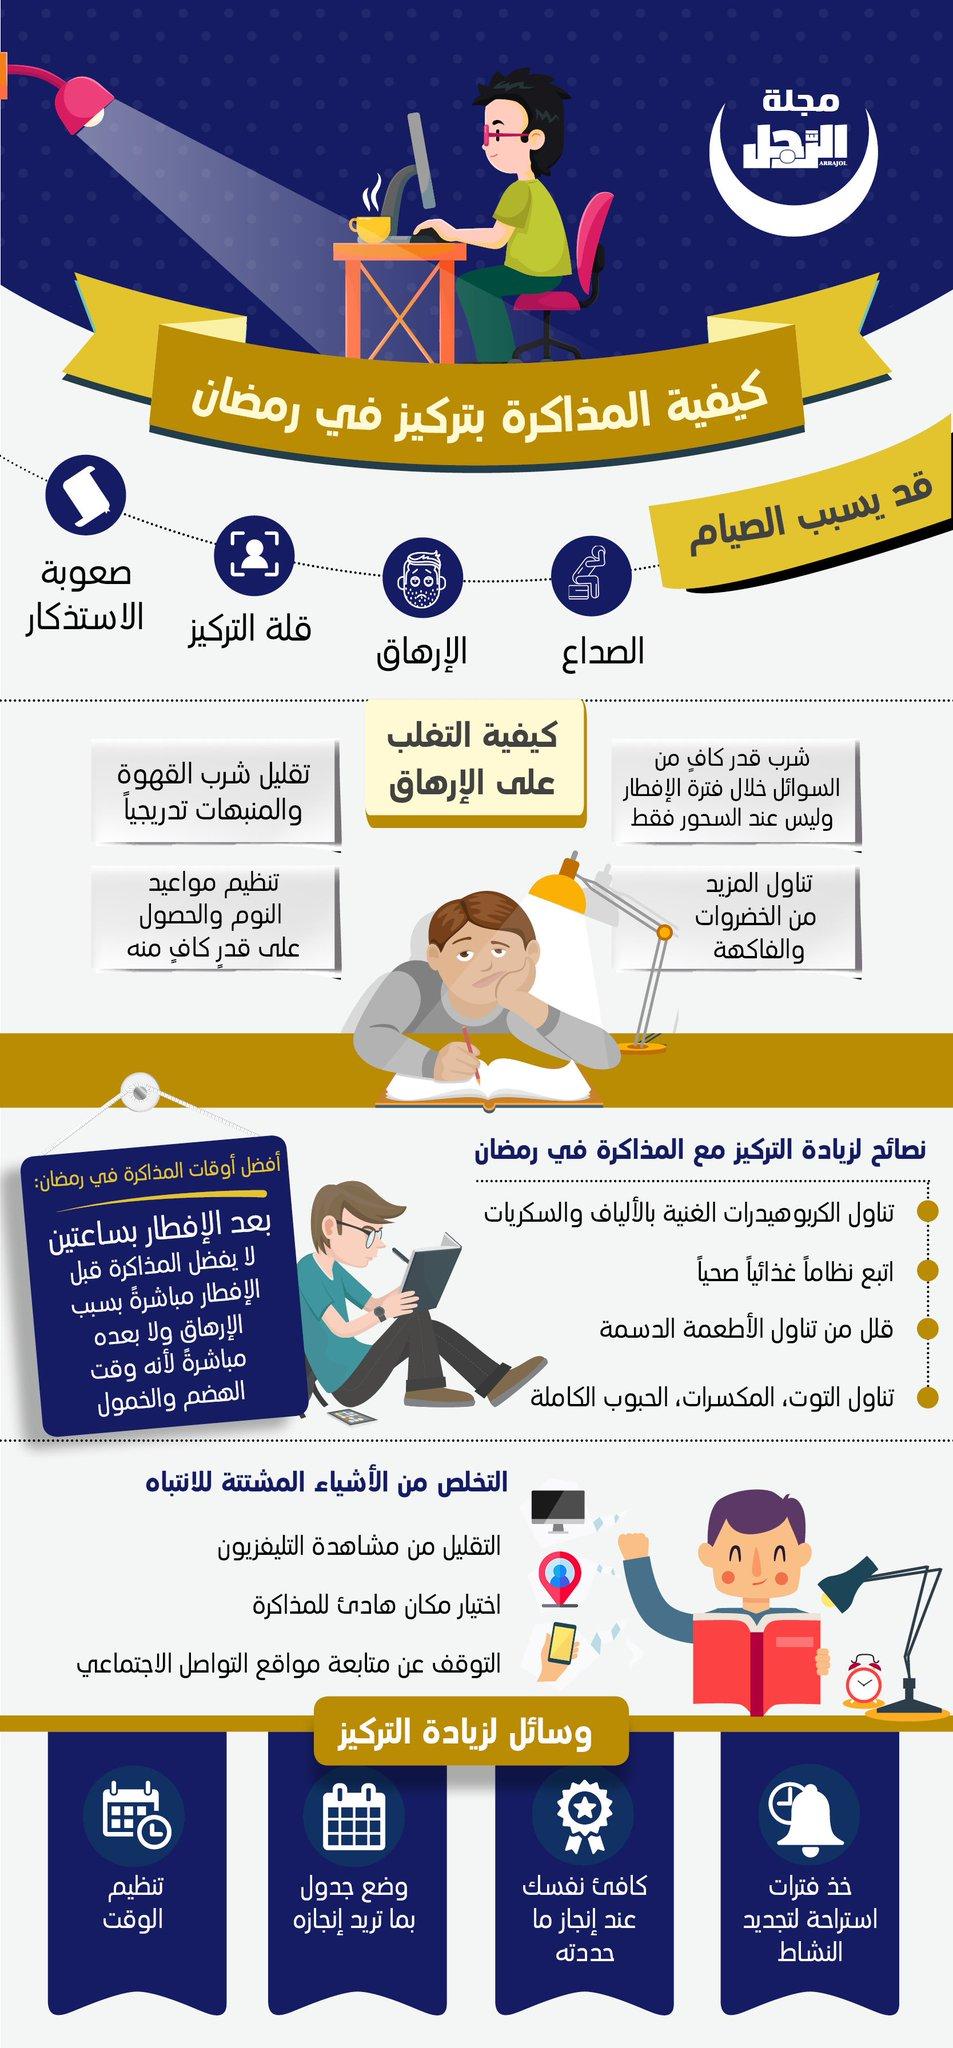 تغلب على التعب والصداع.. هكذا تذاكر بتركيز عالٍ في #رمضان   #غردوا_بالخير_برمضان_الخير https://t.co/j5nwMHTyRC